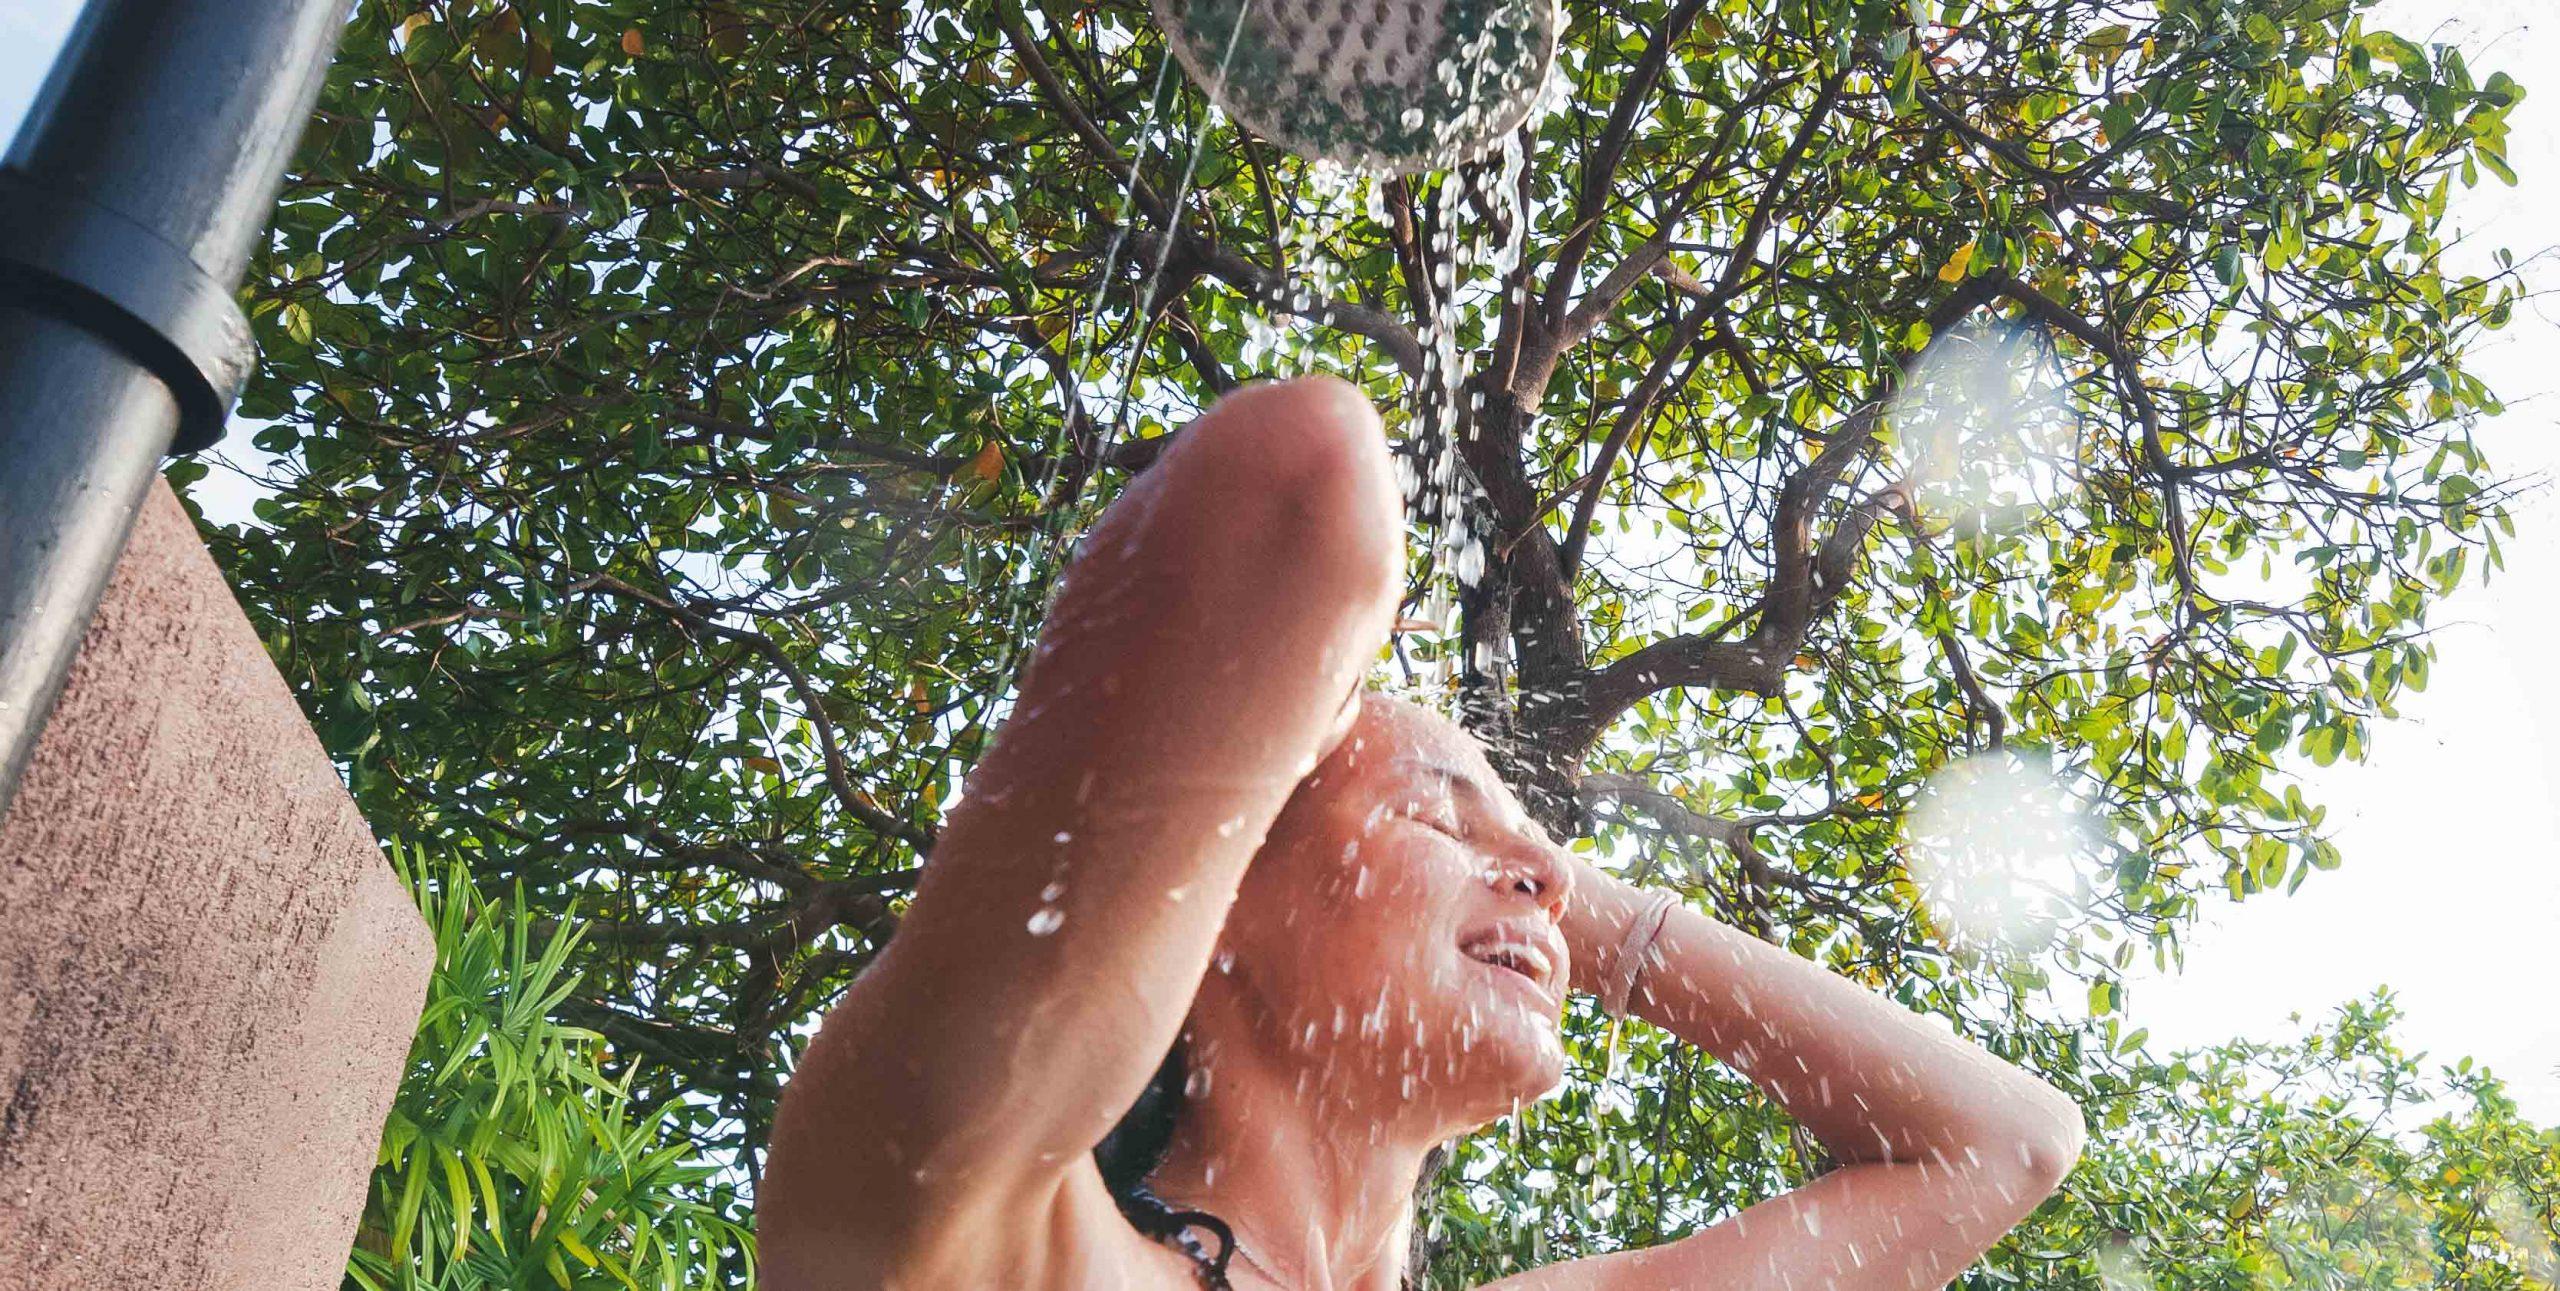 La importancia de la ducha previa a la piscina